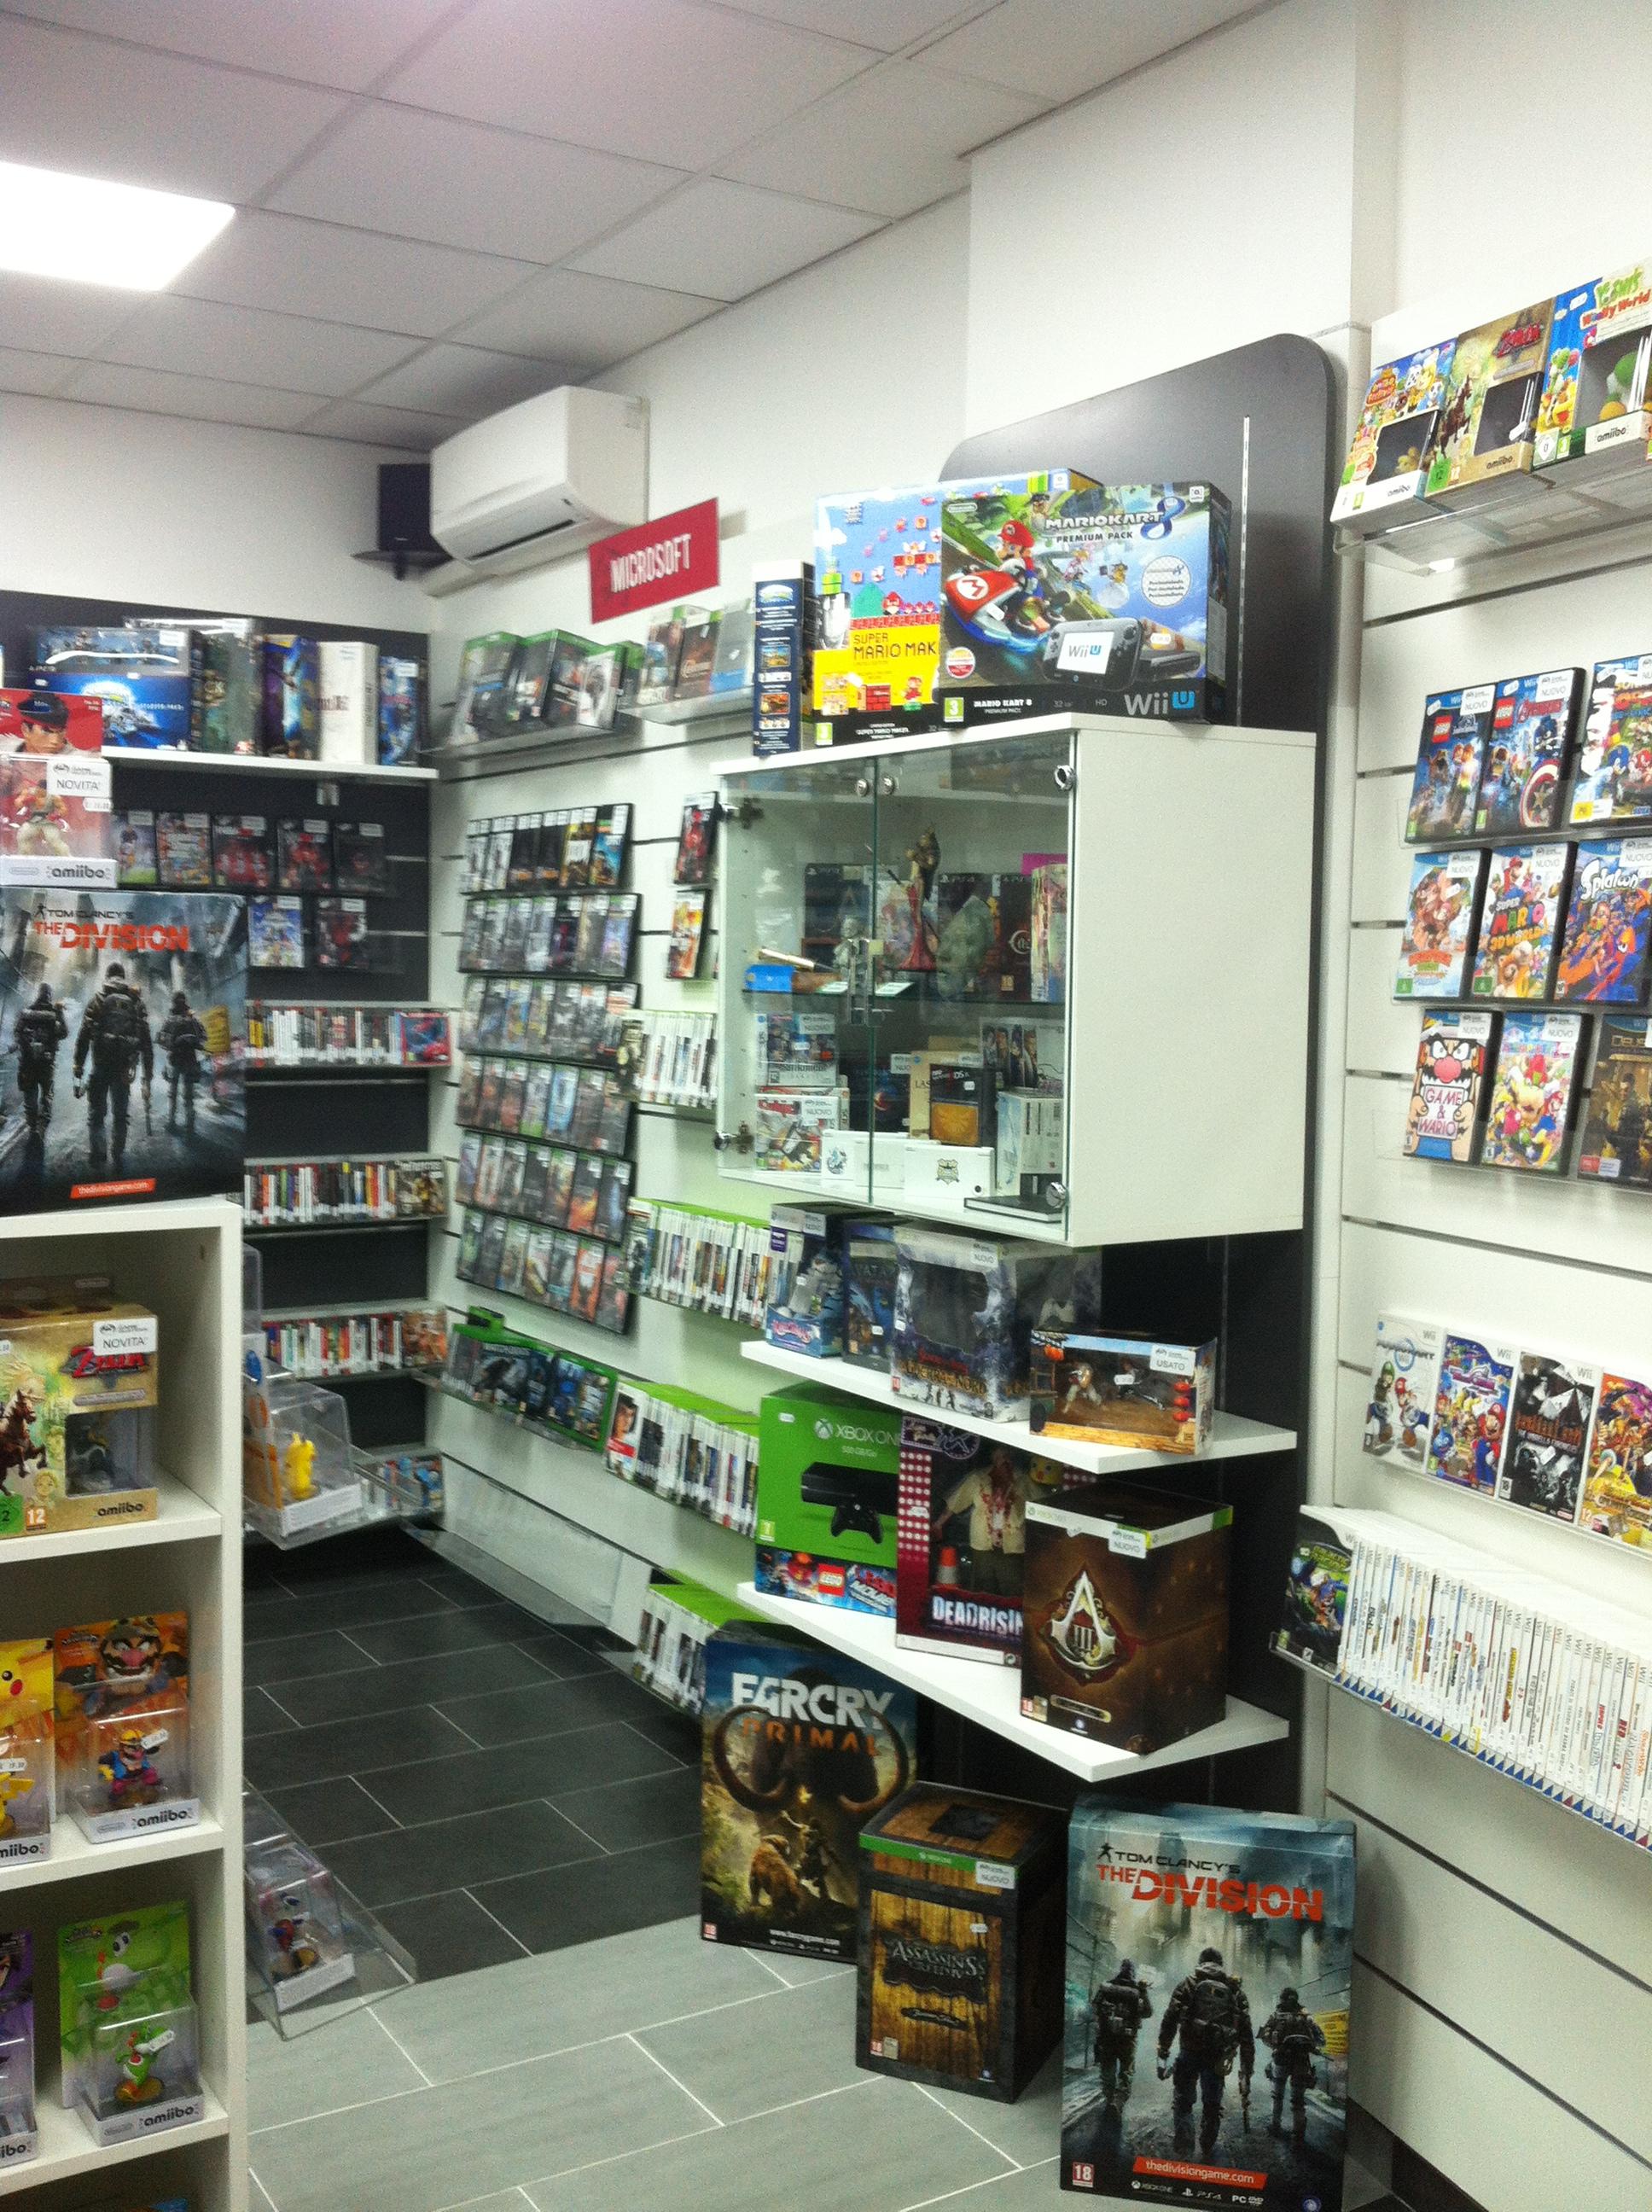 Arredo negozio elettronica e videogames, gadget, vetrina espositiva